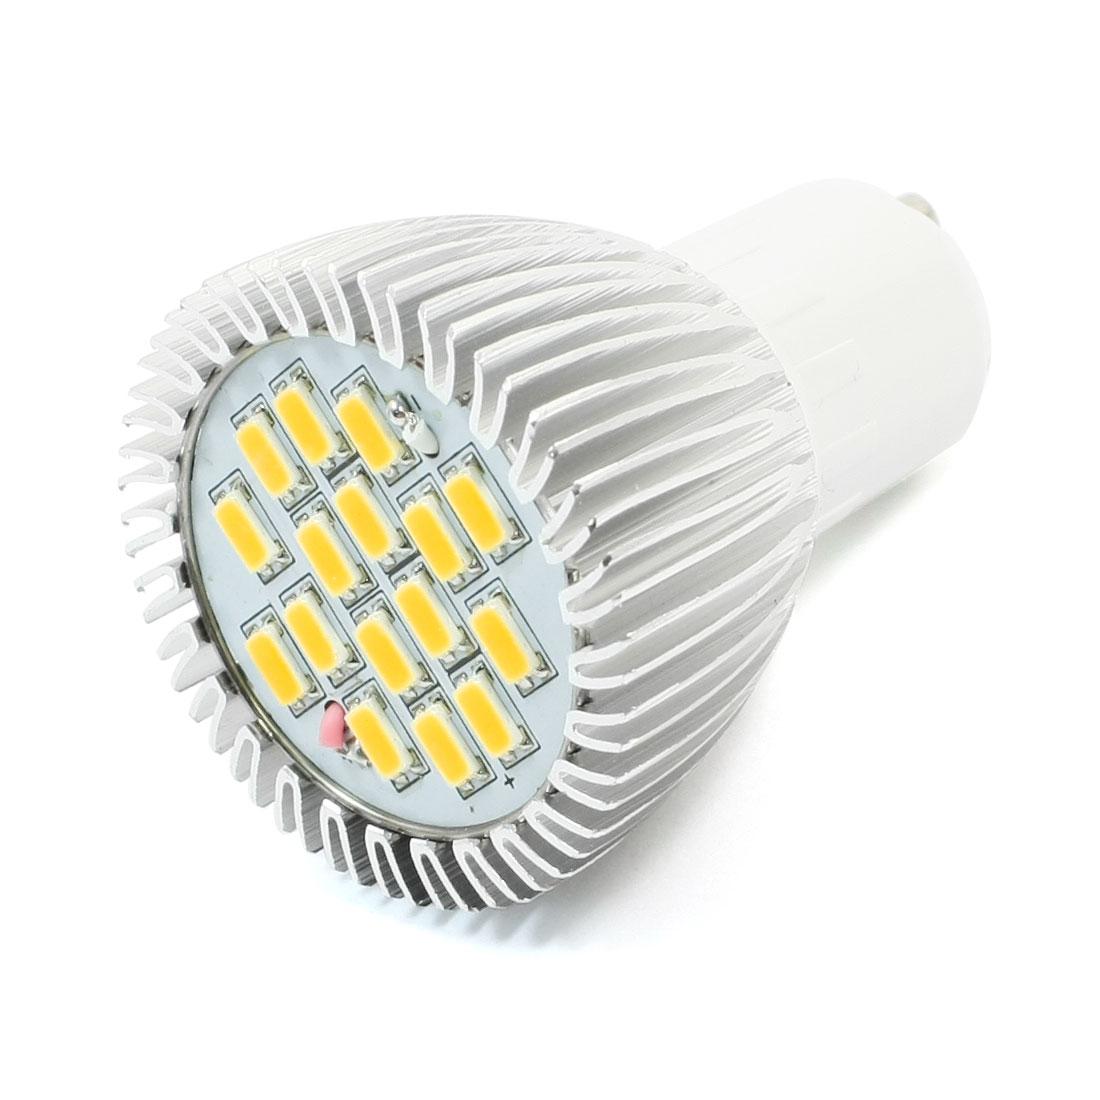 Home GU10 6W LED Lamp Bulb AC 220V White Spot Light Lamp 450LM